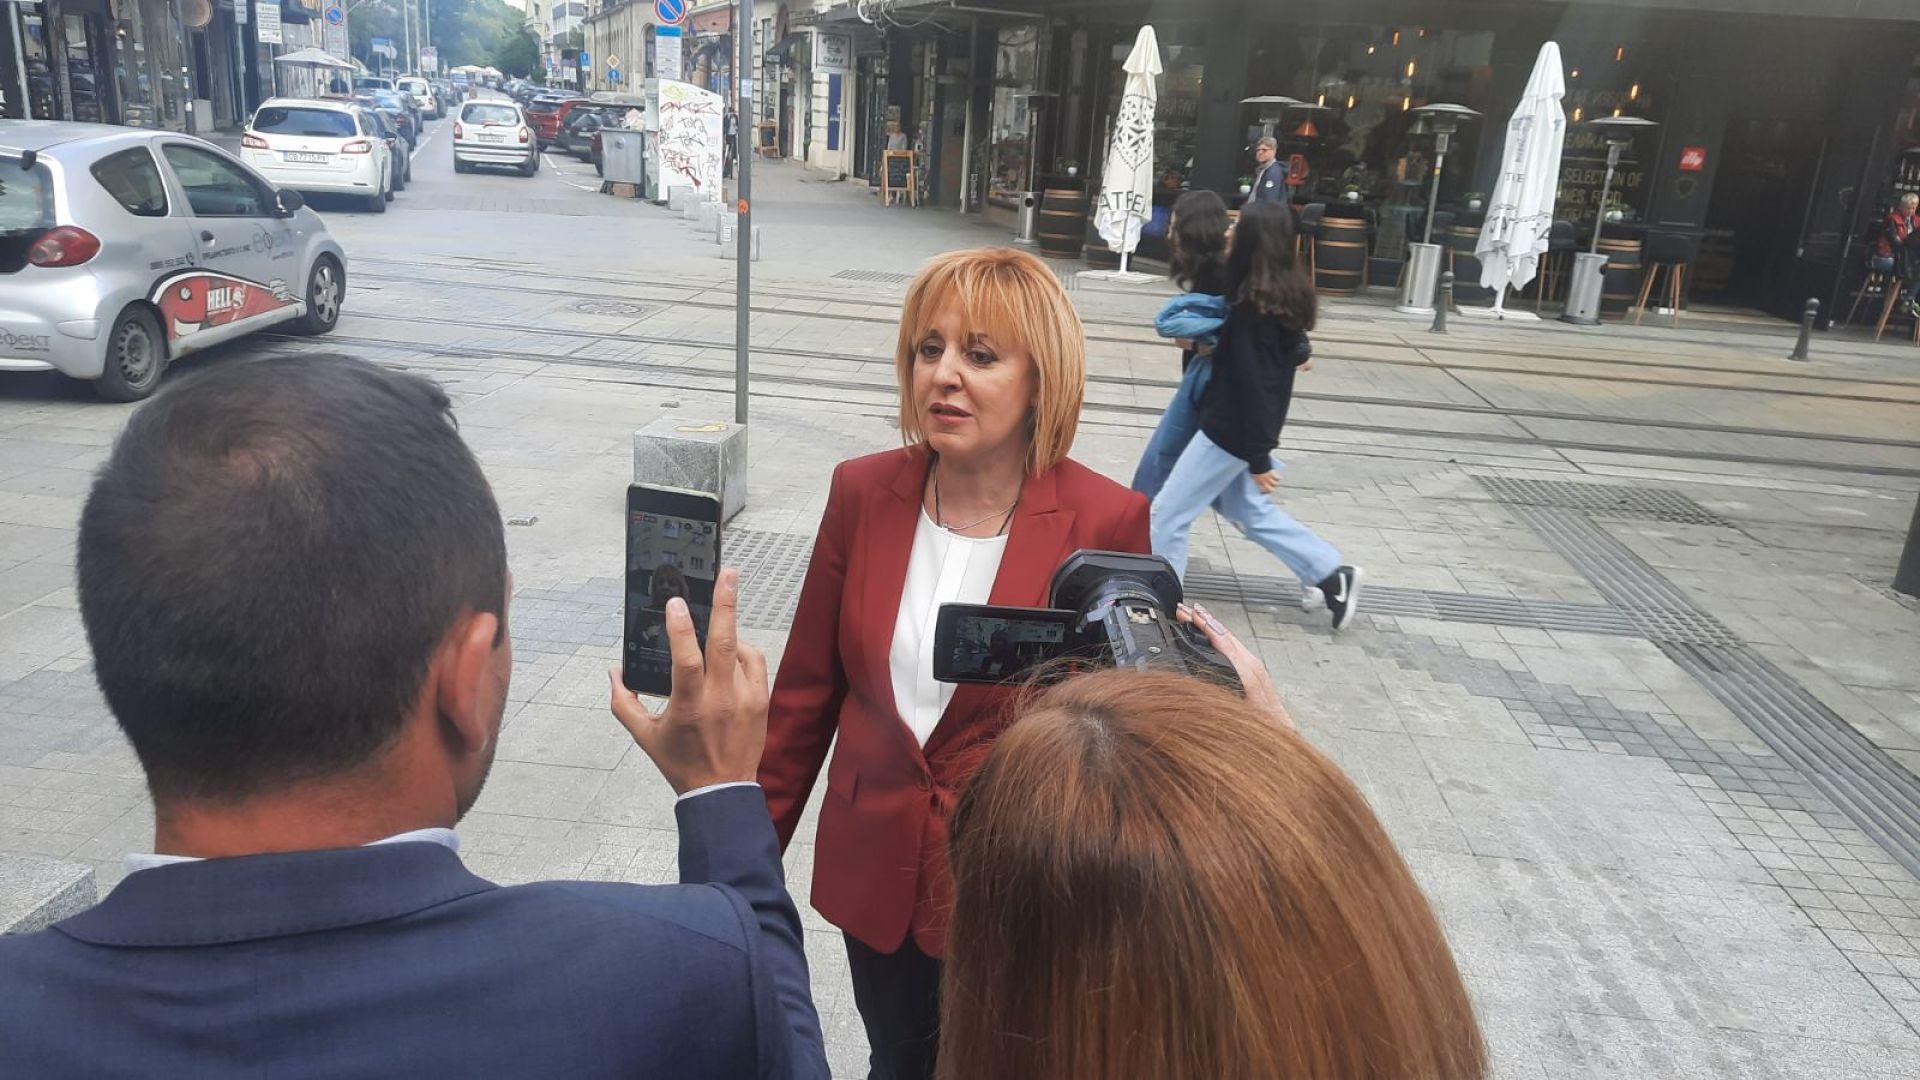 Манолова: Знаел ли е Борисов за подслушването? Да се създаде комисия под егидата на президента (видео)